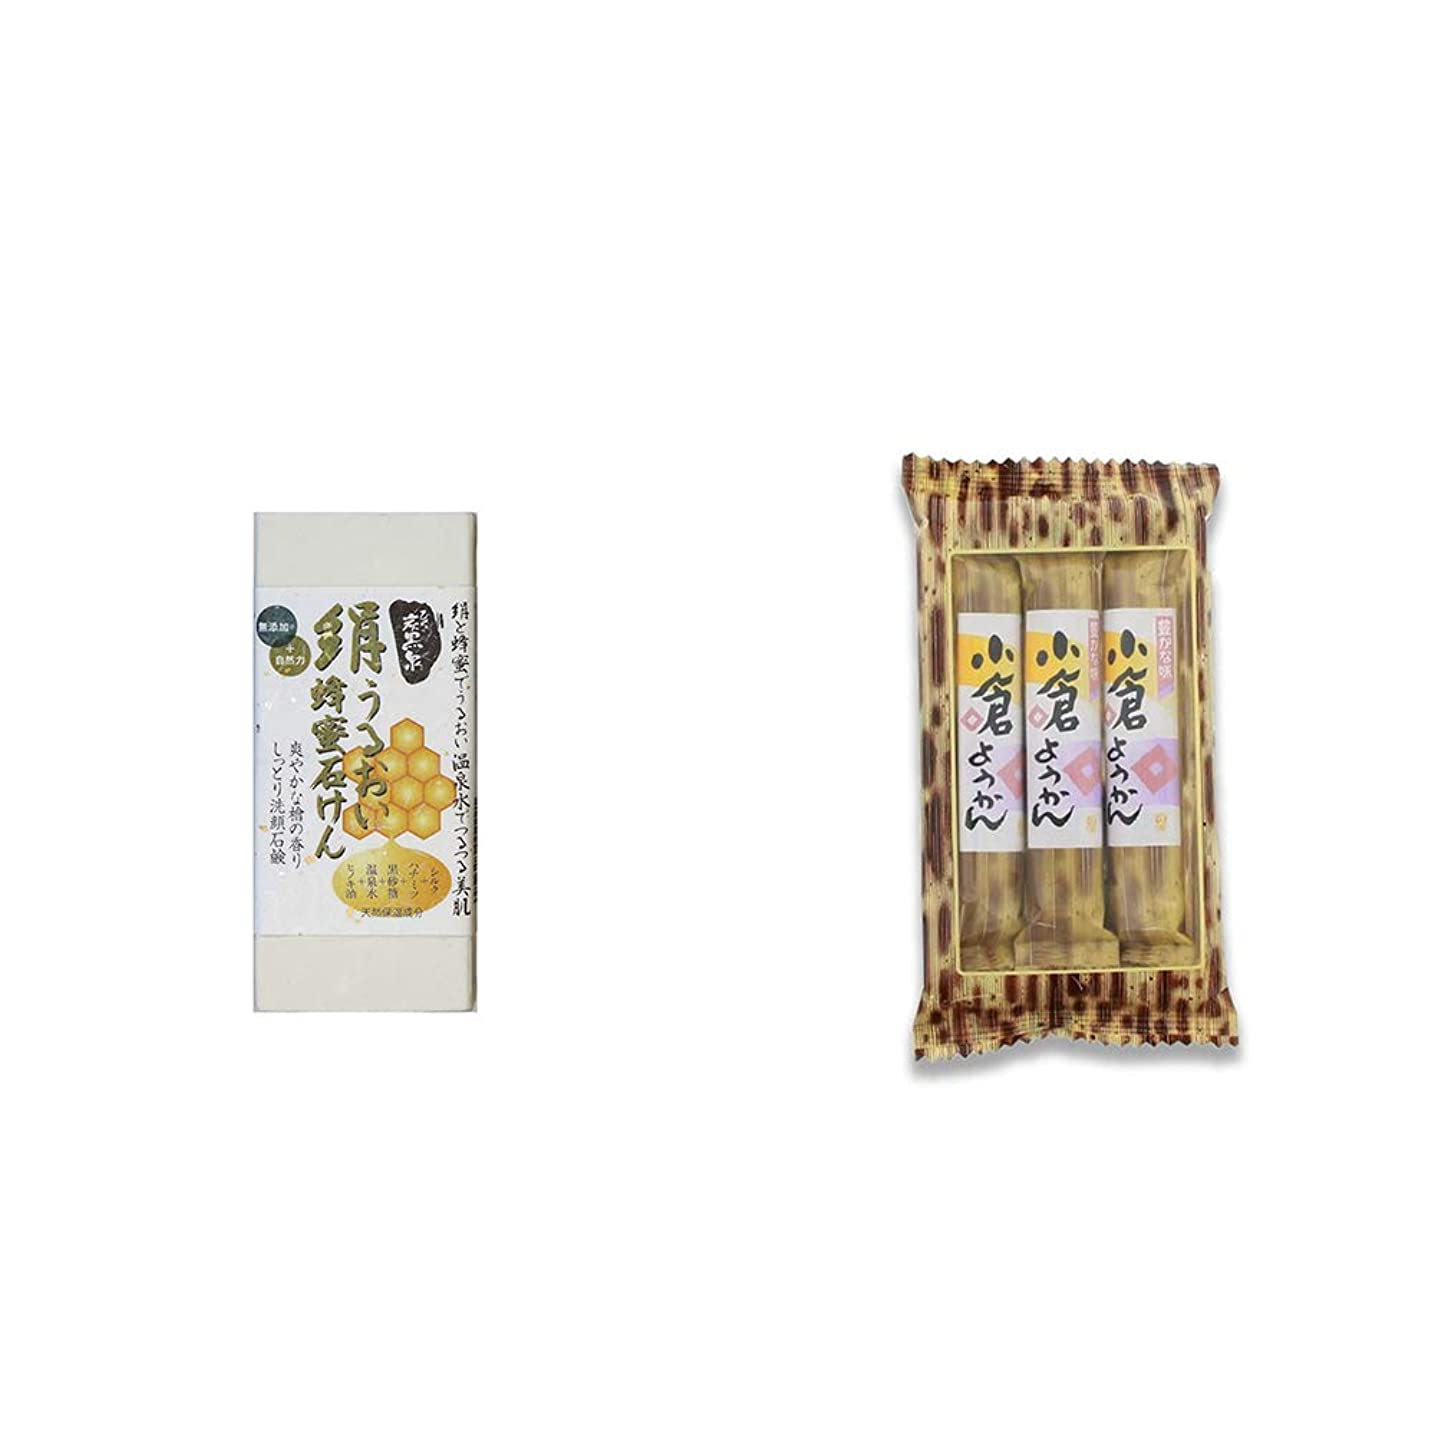 ファンシーいっぱいに勝る[2点セット] ひのき炭黒泉 絹うるおい蜂蜜石けん(75g×2)?スティックようかん[小倉](50g×3本)